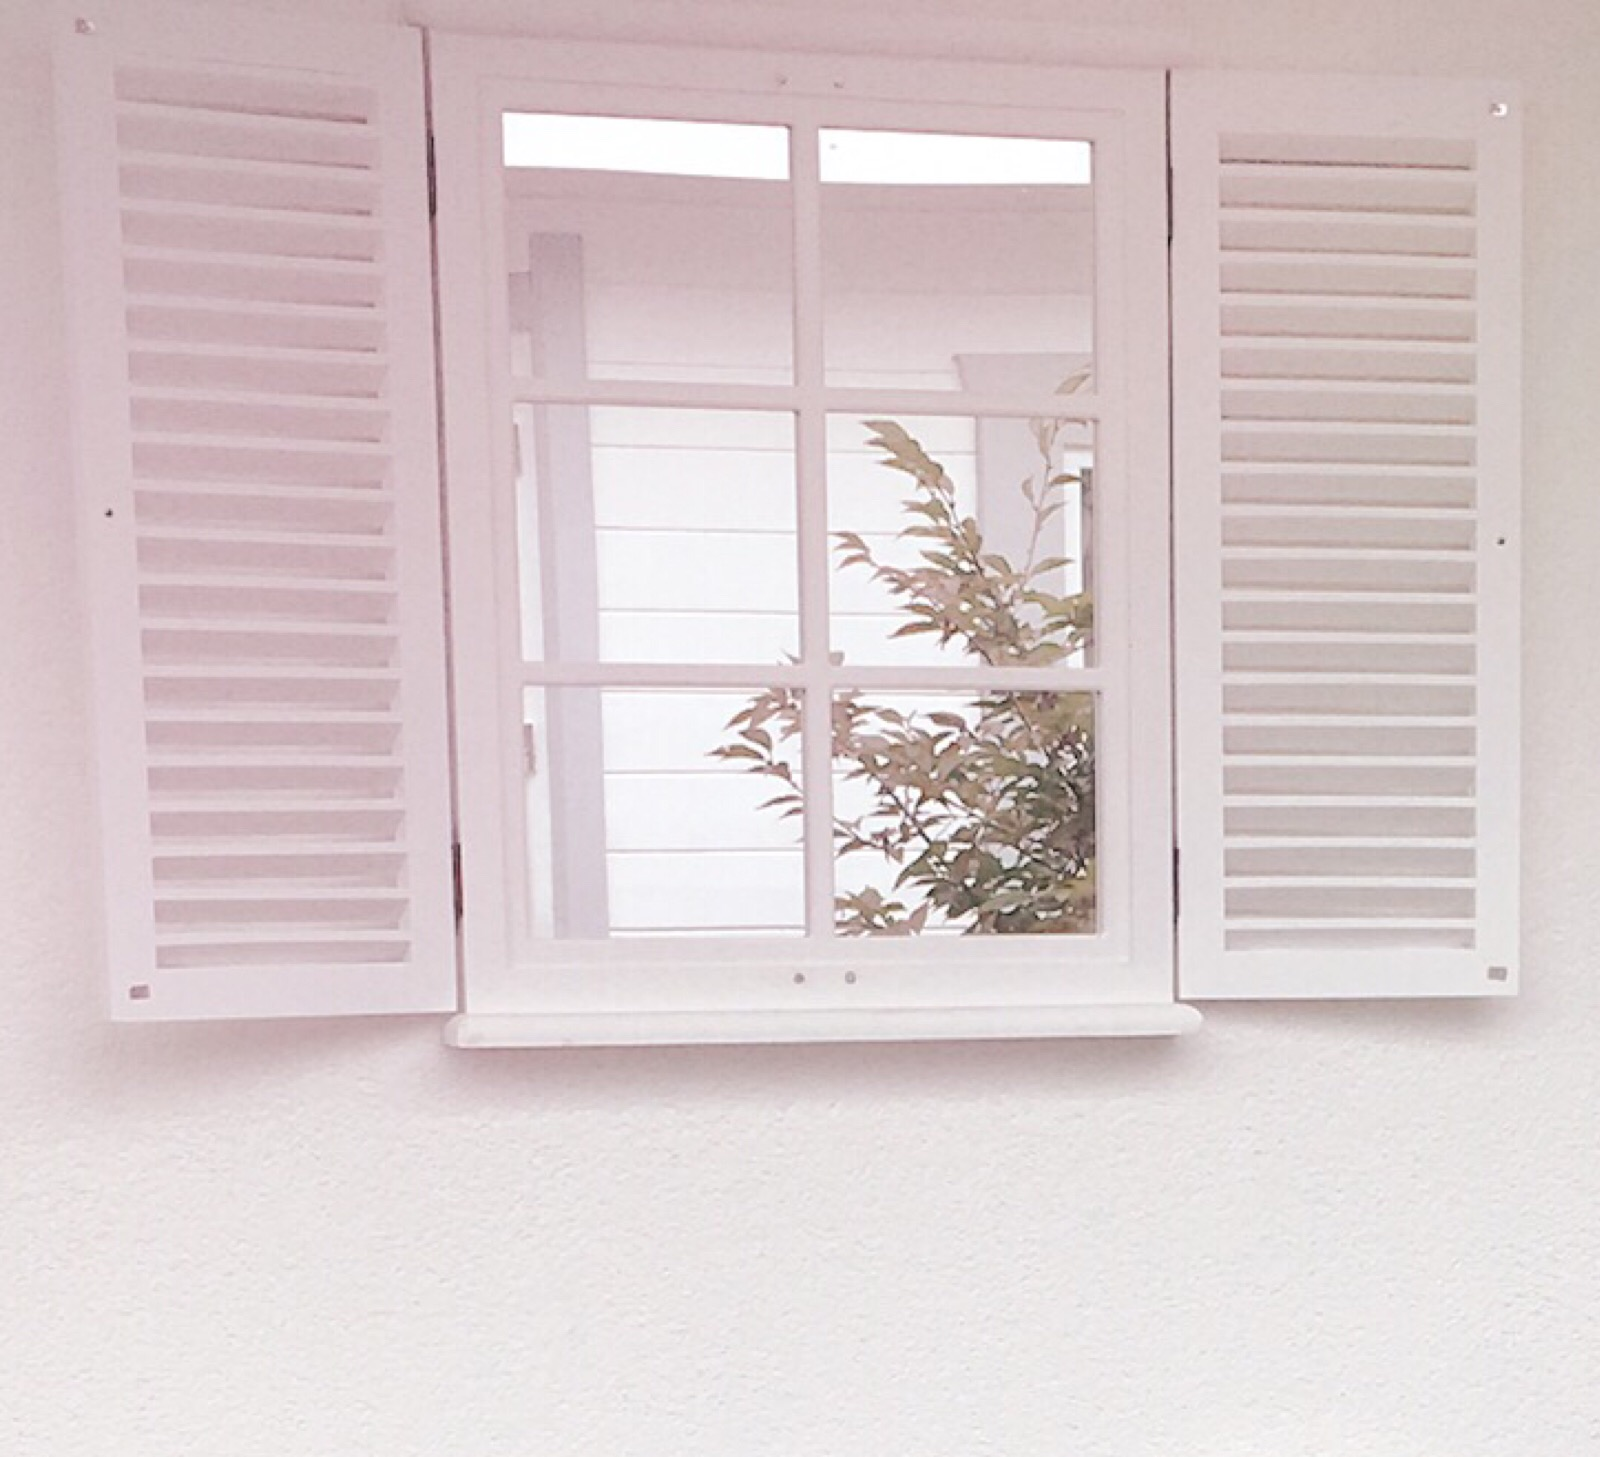 Spiegelglas sprossenfenster 3855 spiegel wohnen atelier roosarot - Spiegel sprossenfenster ...